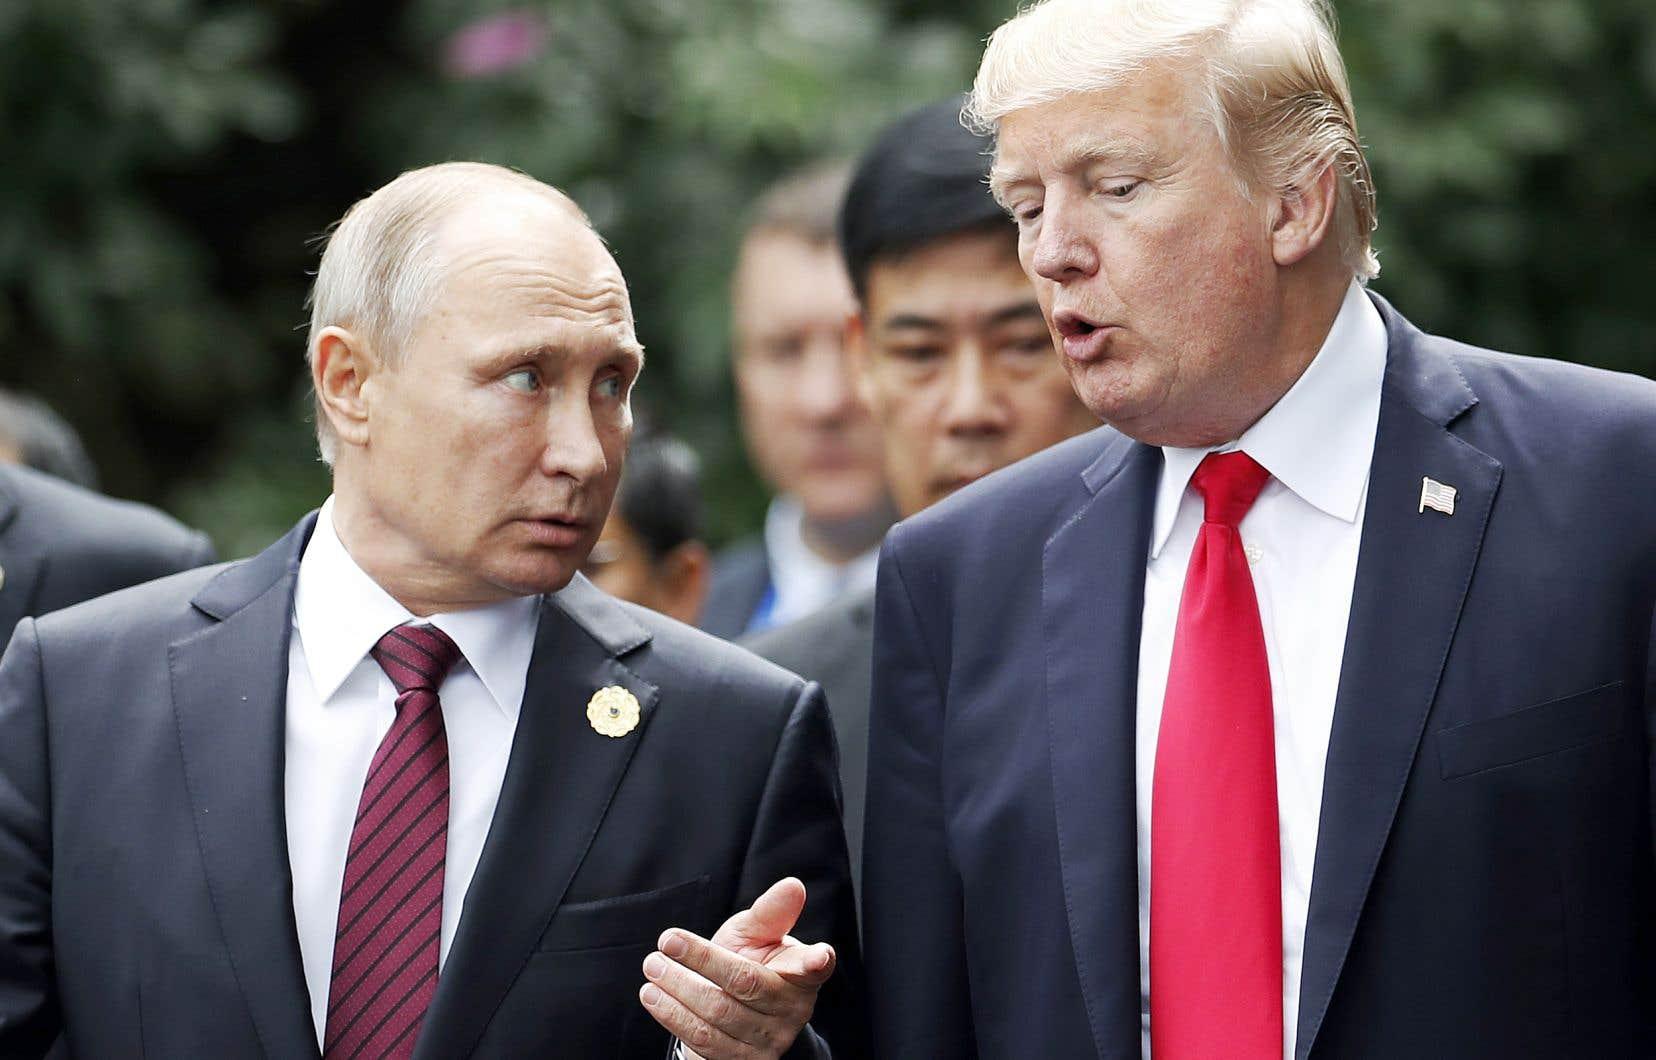 Les relations entre Vladimir Poutine et Donald Trump, que l'on aperçoit ensemble au Sommet économique Asie-Pacifique en novembre 2017, remonteraient par personnes interposées à 2015, soit au moment de l'annonce de la candidature du milliardaire à la Maison-Blanche.